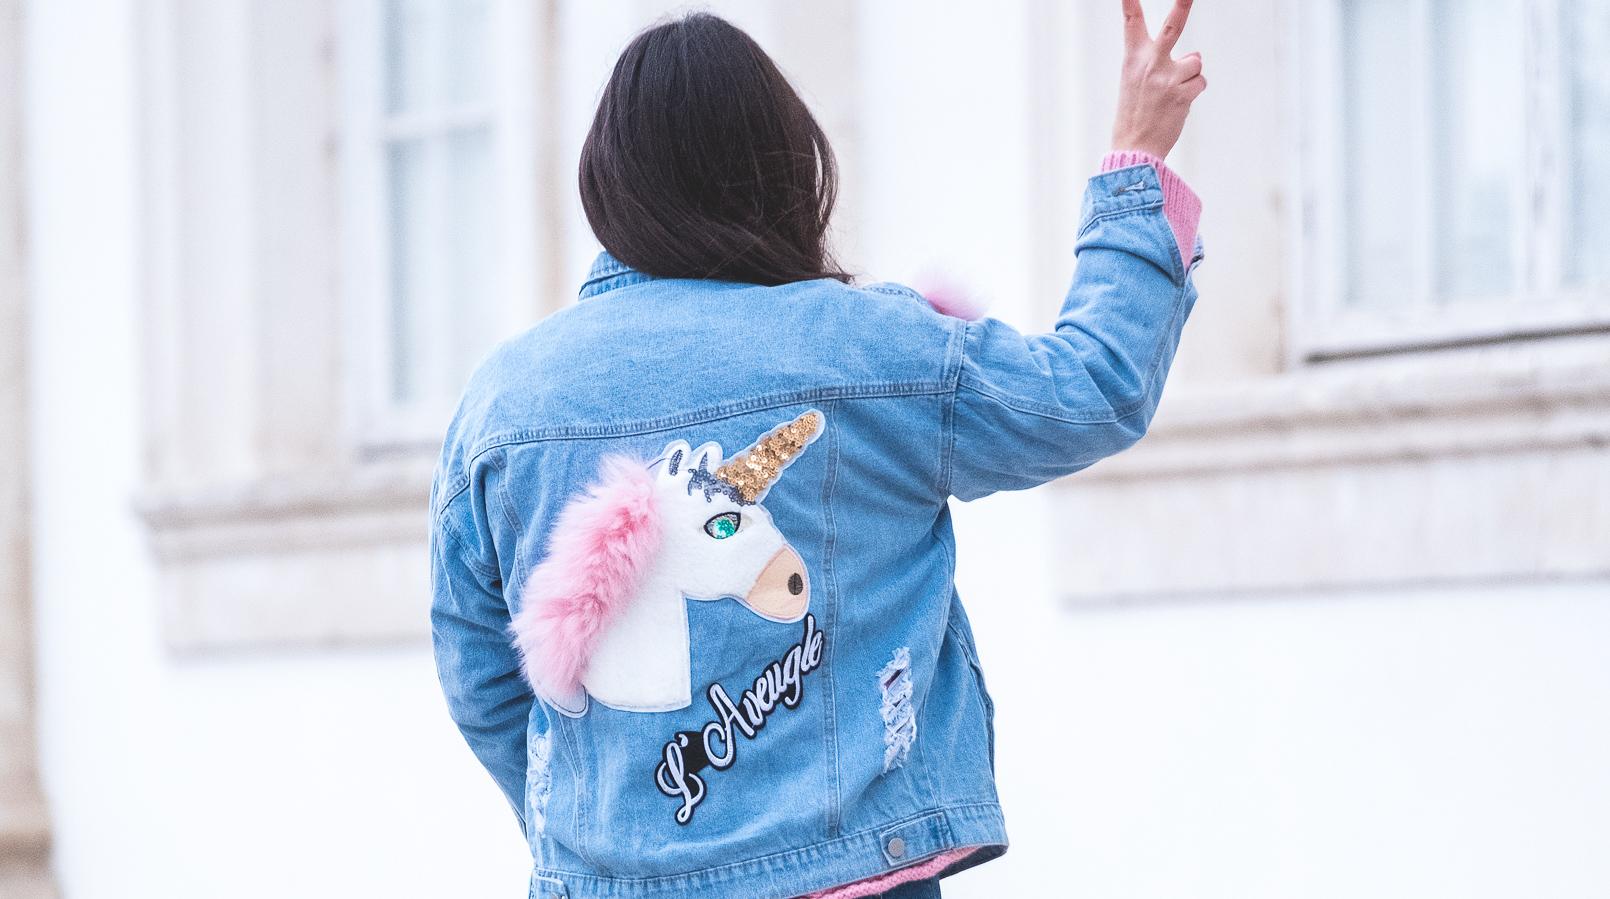 Le Fashionaire Como vestir a mesma peça de roupa de forma diferente casaco ganga unicornio lantejoulas pelo rosa shein 9965F PT